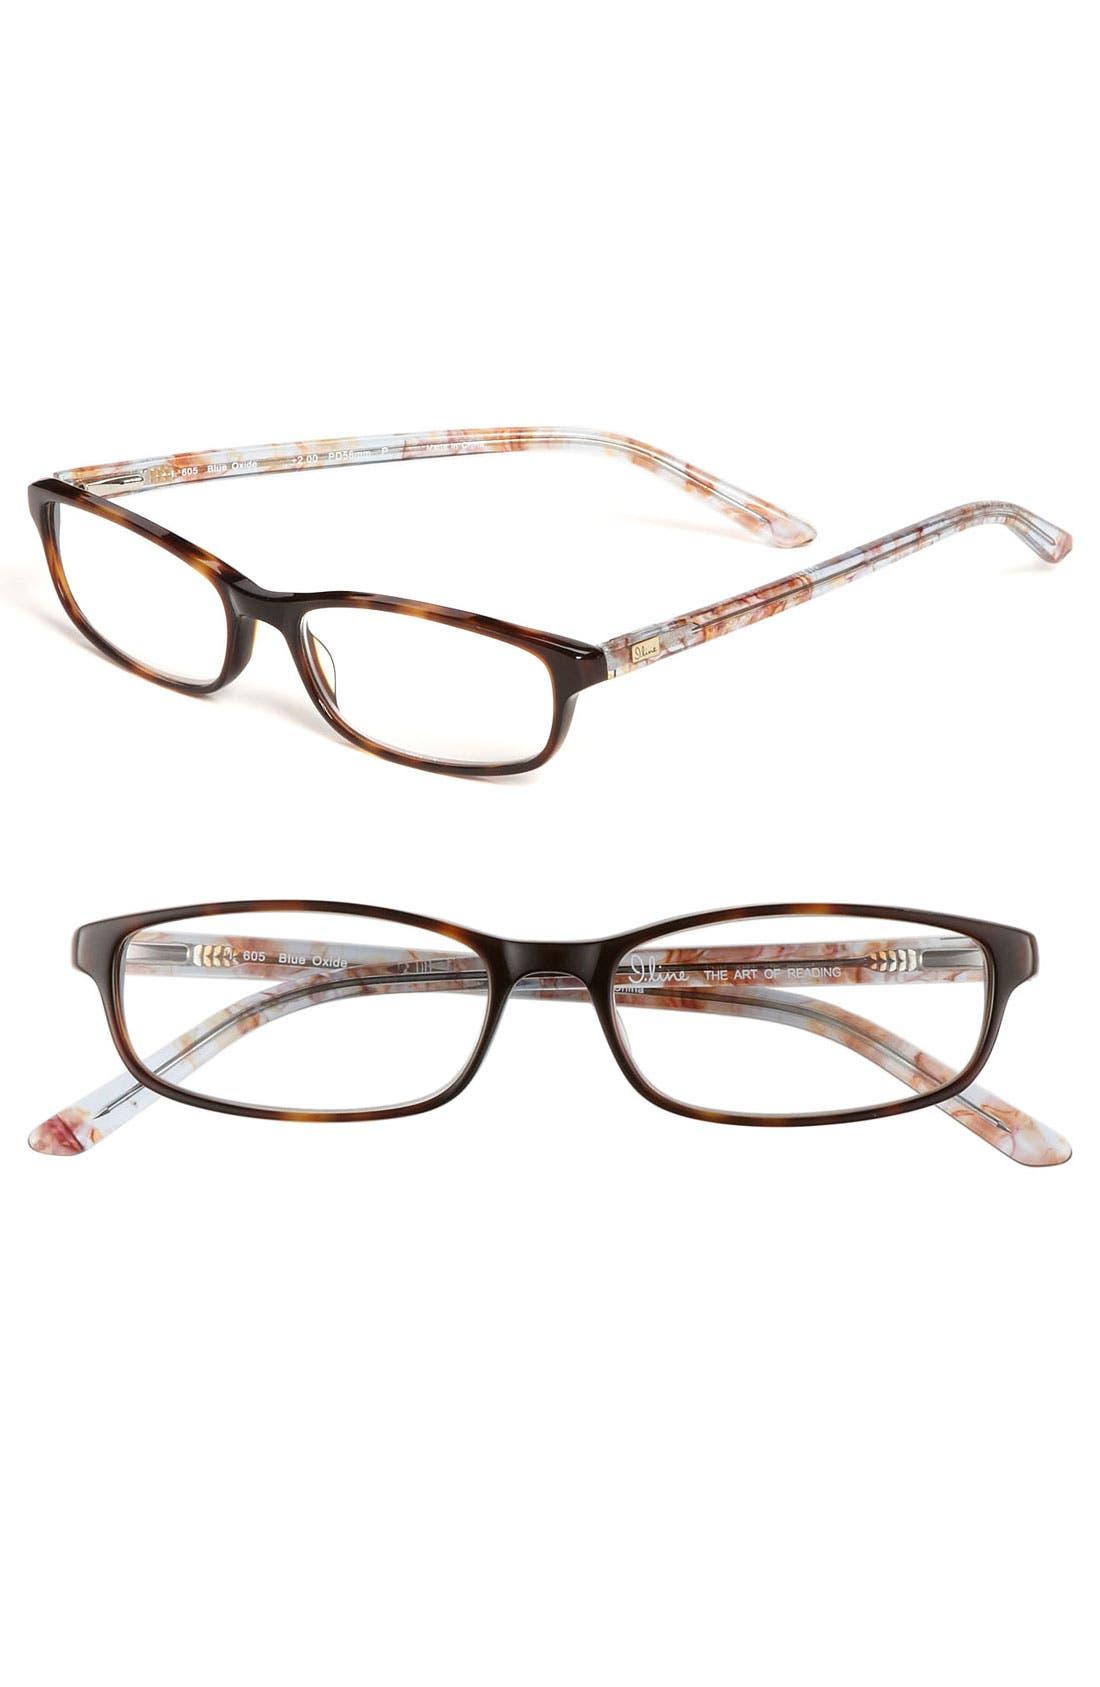 Main Image - I Line Eyewear 'Blue Oxide' Reading Glasses